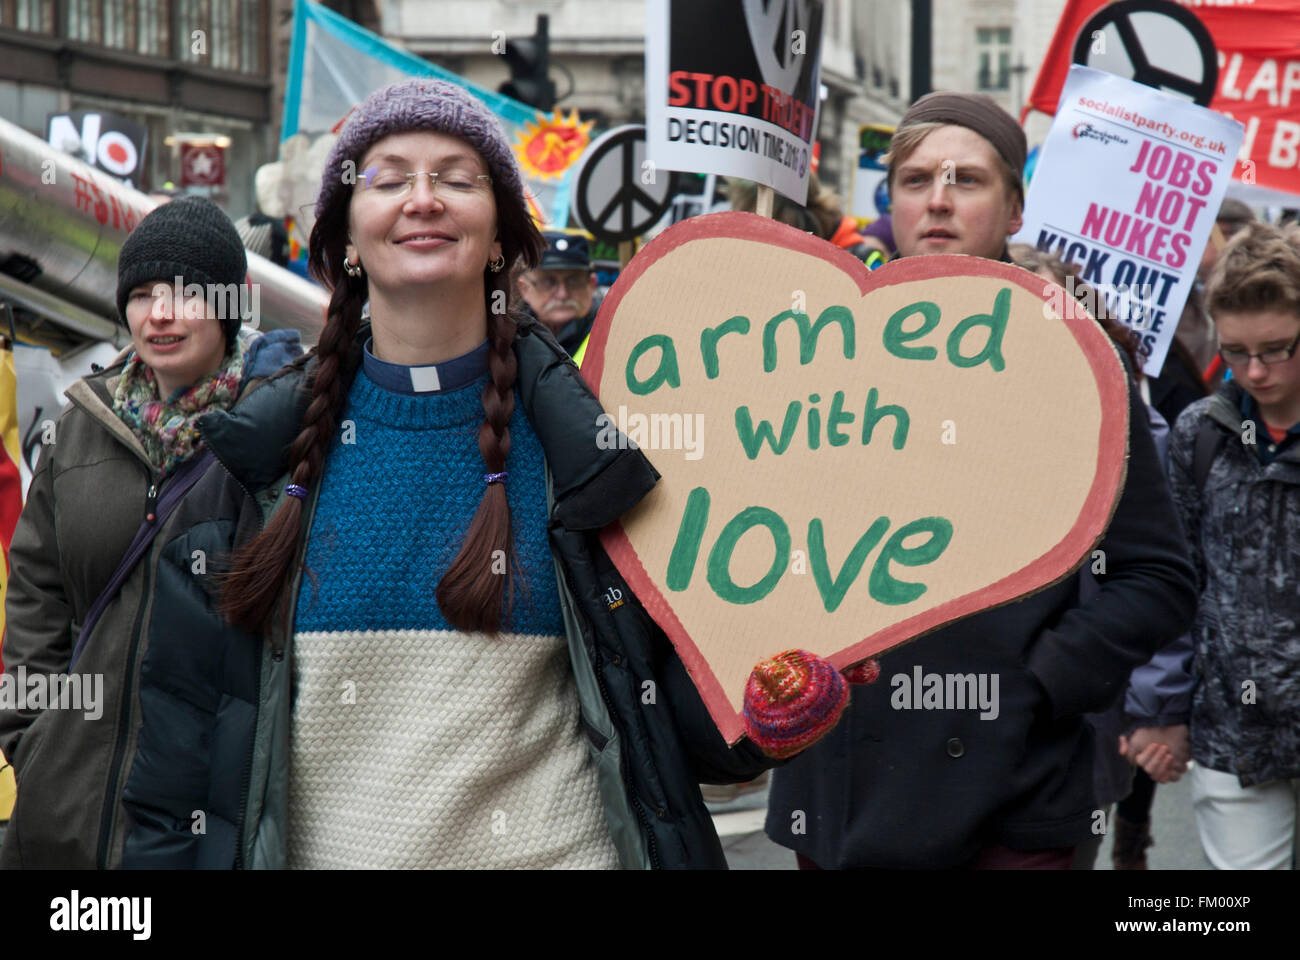 Vicario una mujer sonriente con pancartas caseras 'armado con amor' contra el tridente, demostración Imagen De Stock